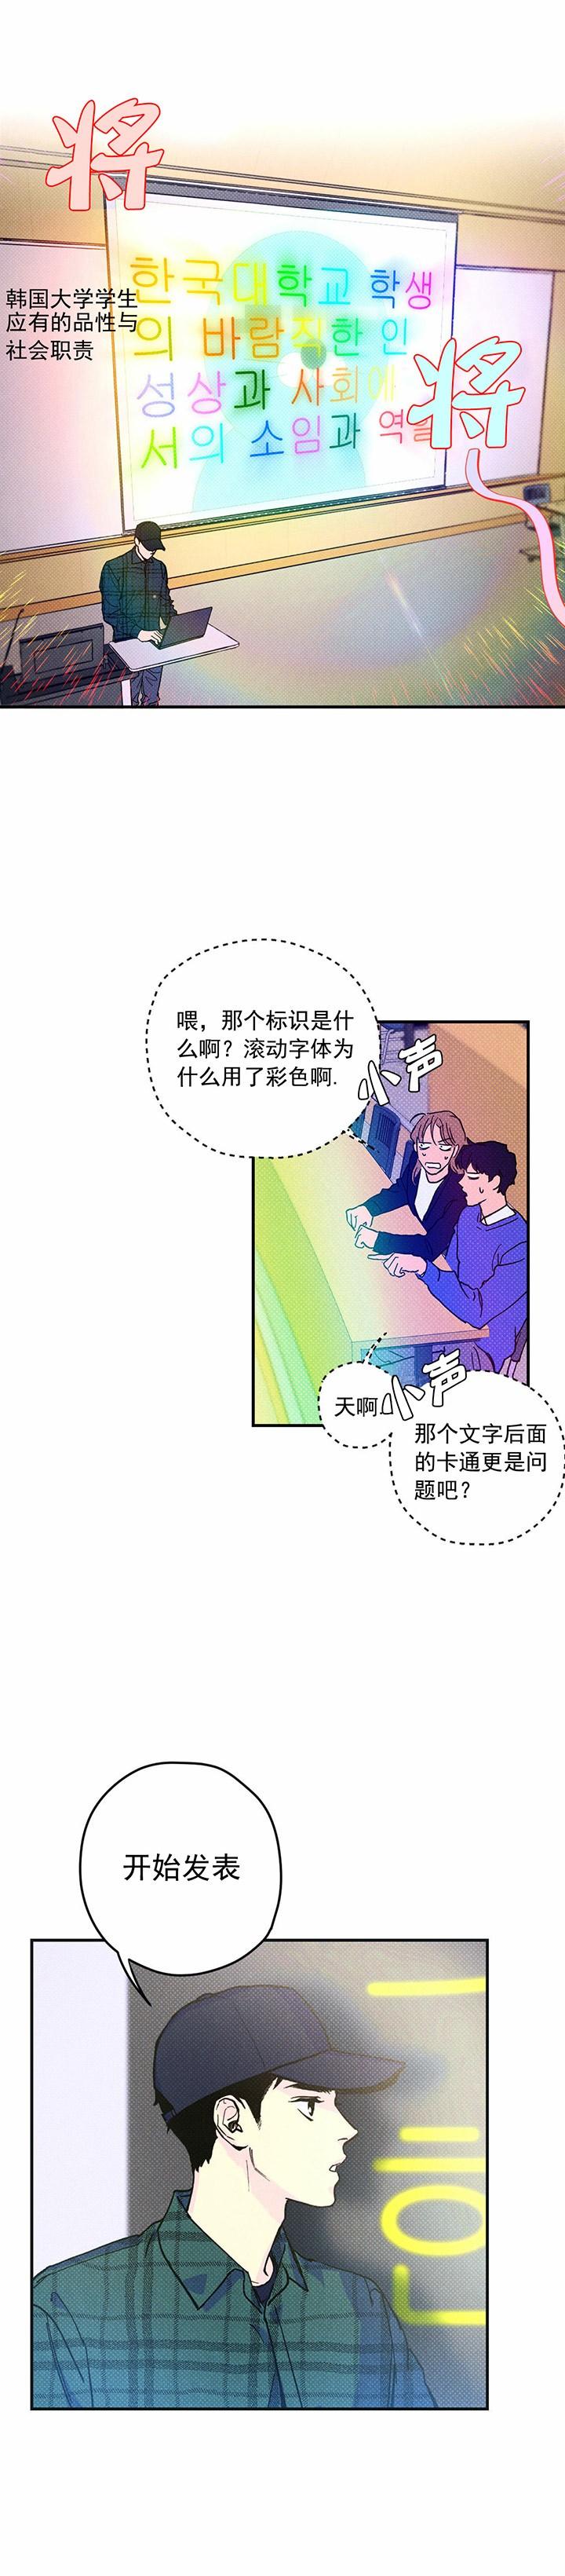 《校草是我死对头》漫画免费全集,错误指令在线观看  第2张